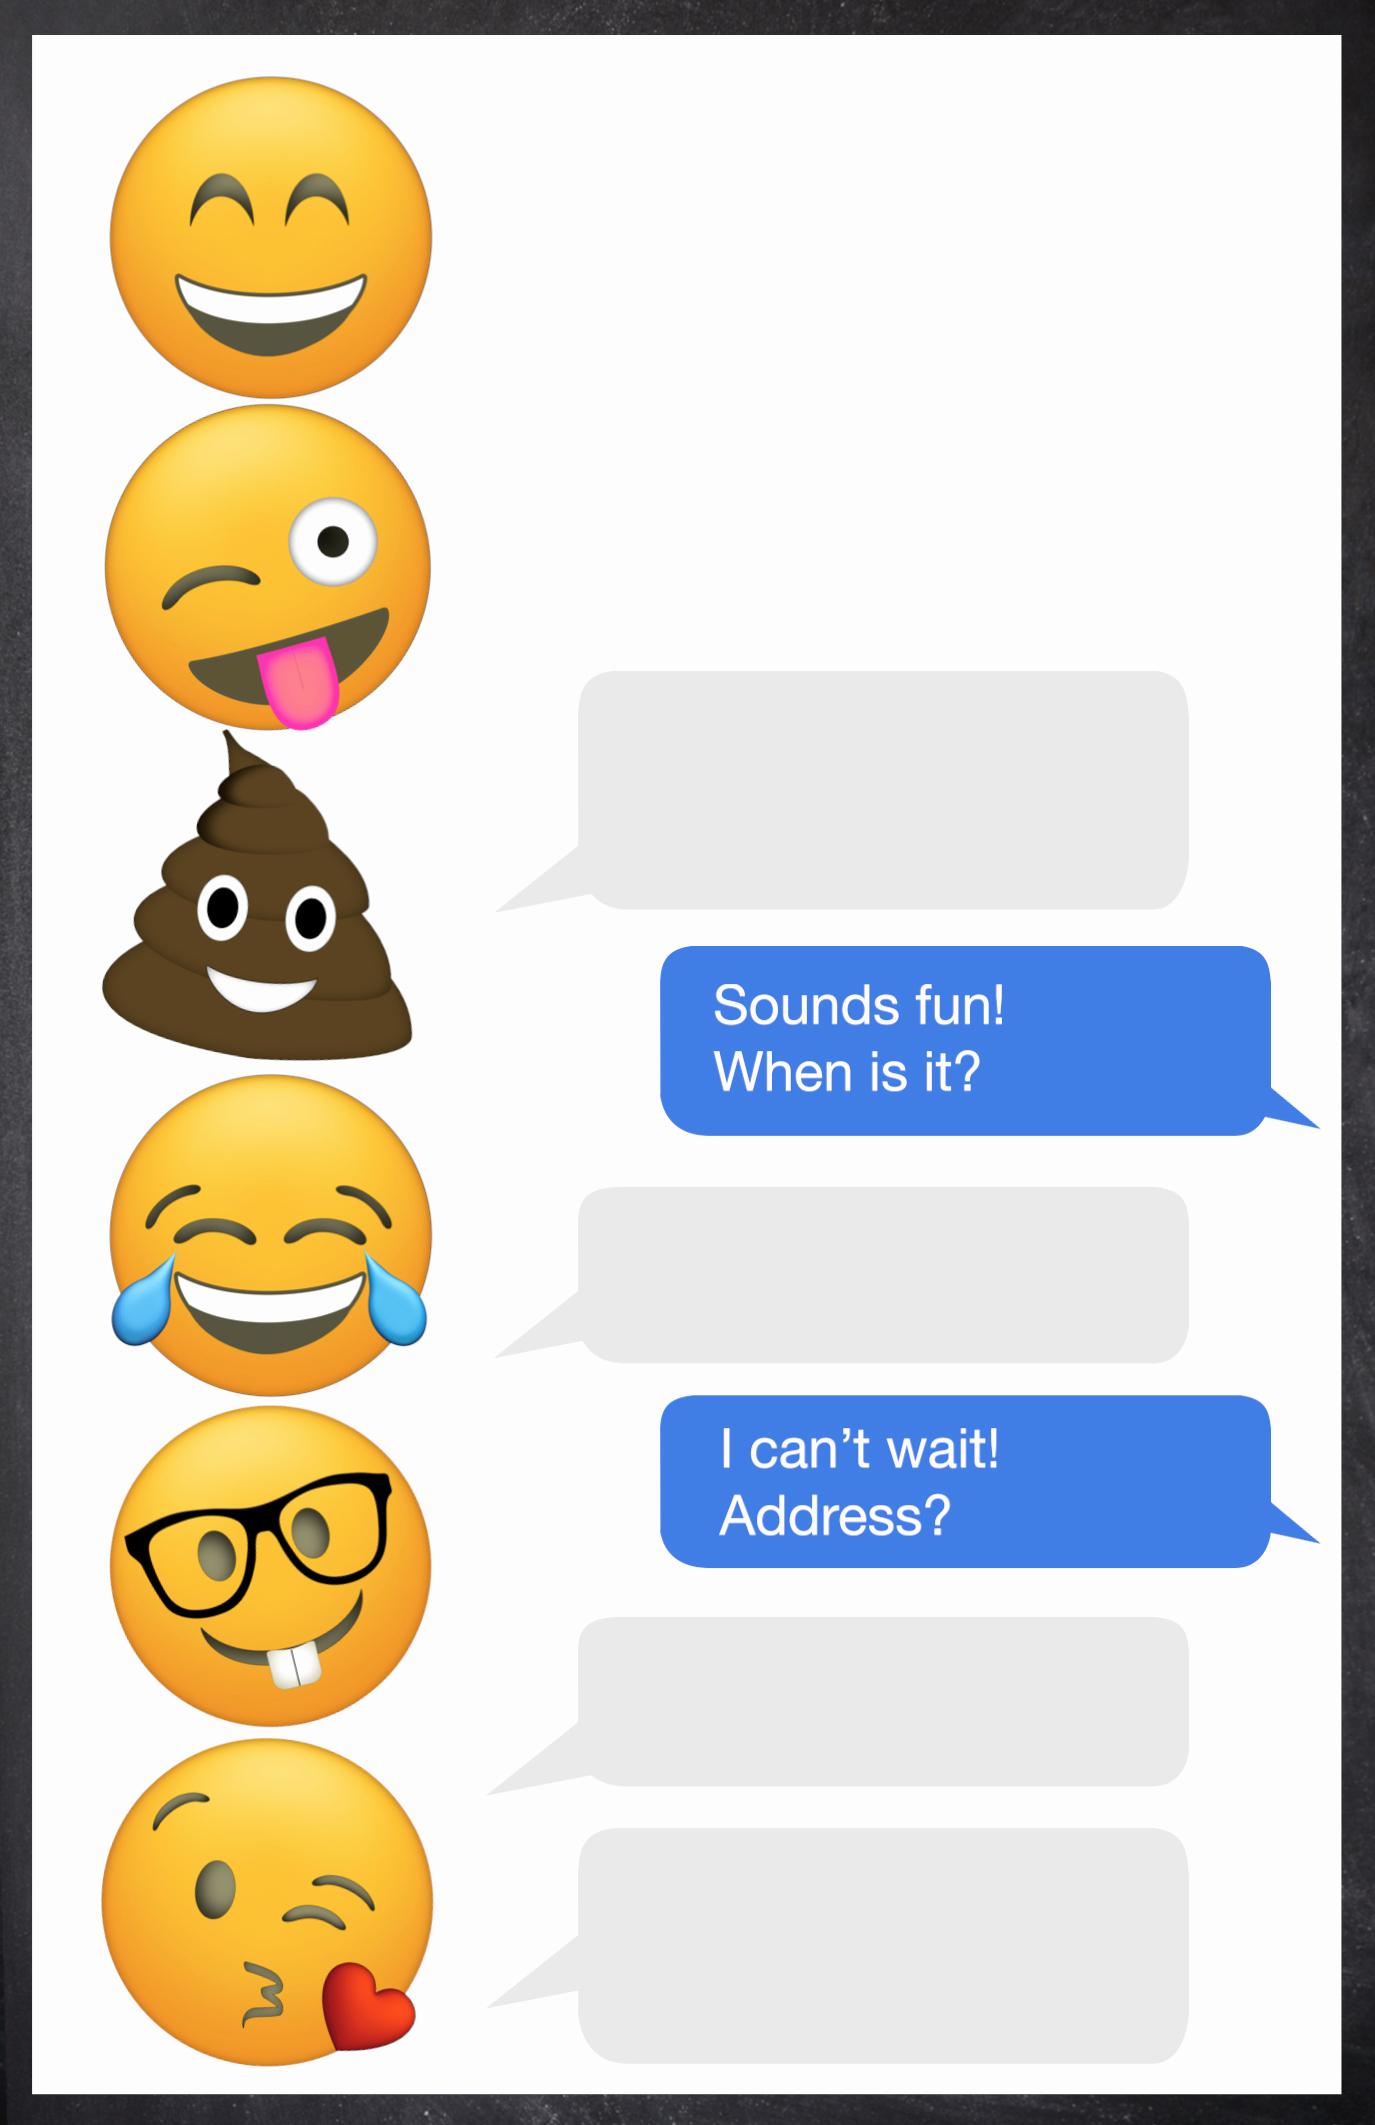 Free Birthday Party Invitation Template Unique Emoji Birthday Invitations Free Printable Template Paper